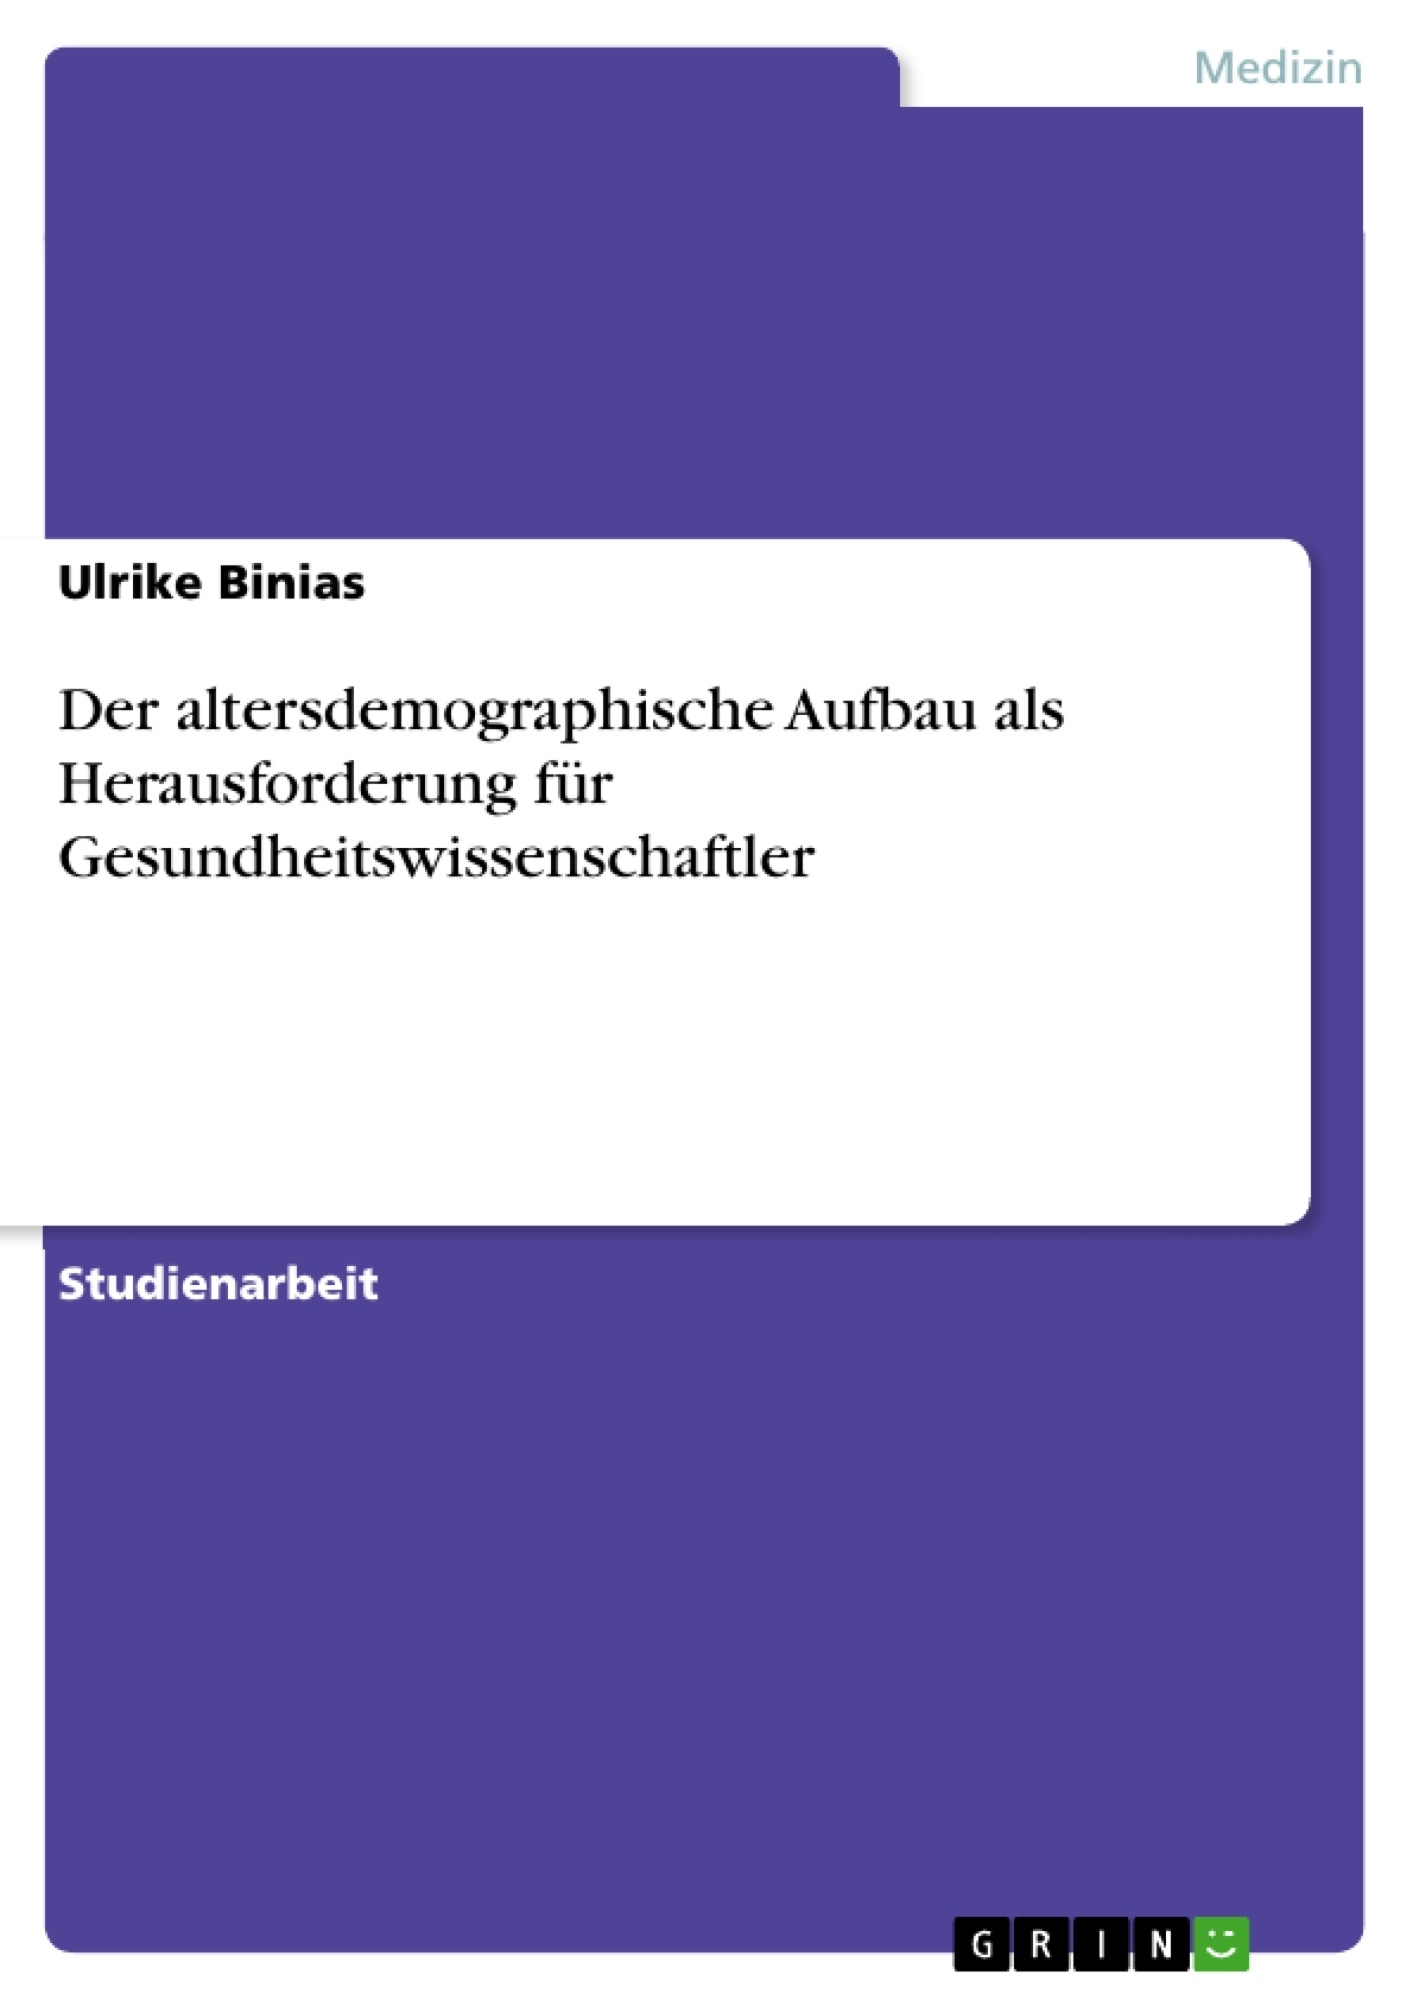 Titel: Der altersdemographische Aufbau als Herausforderung für Gesundheitswissenschaftler